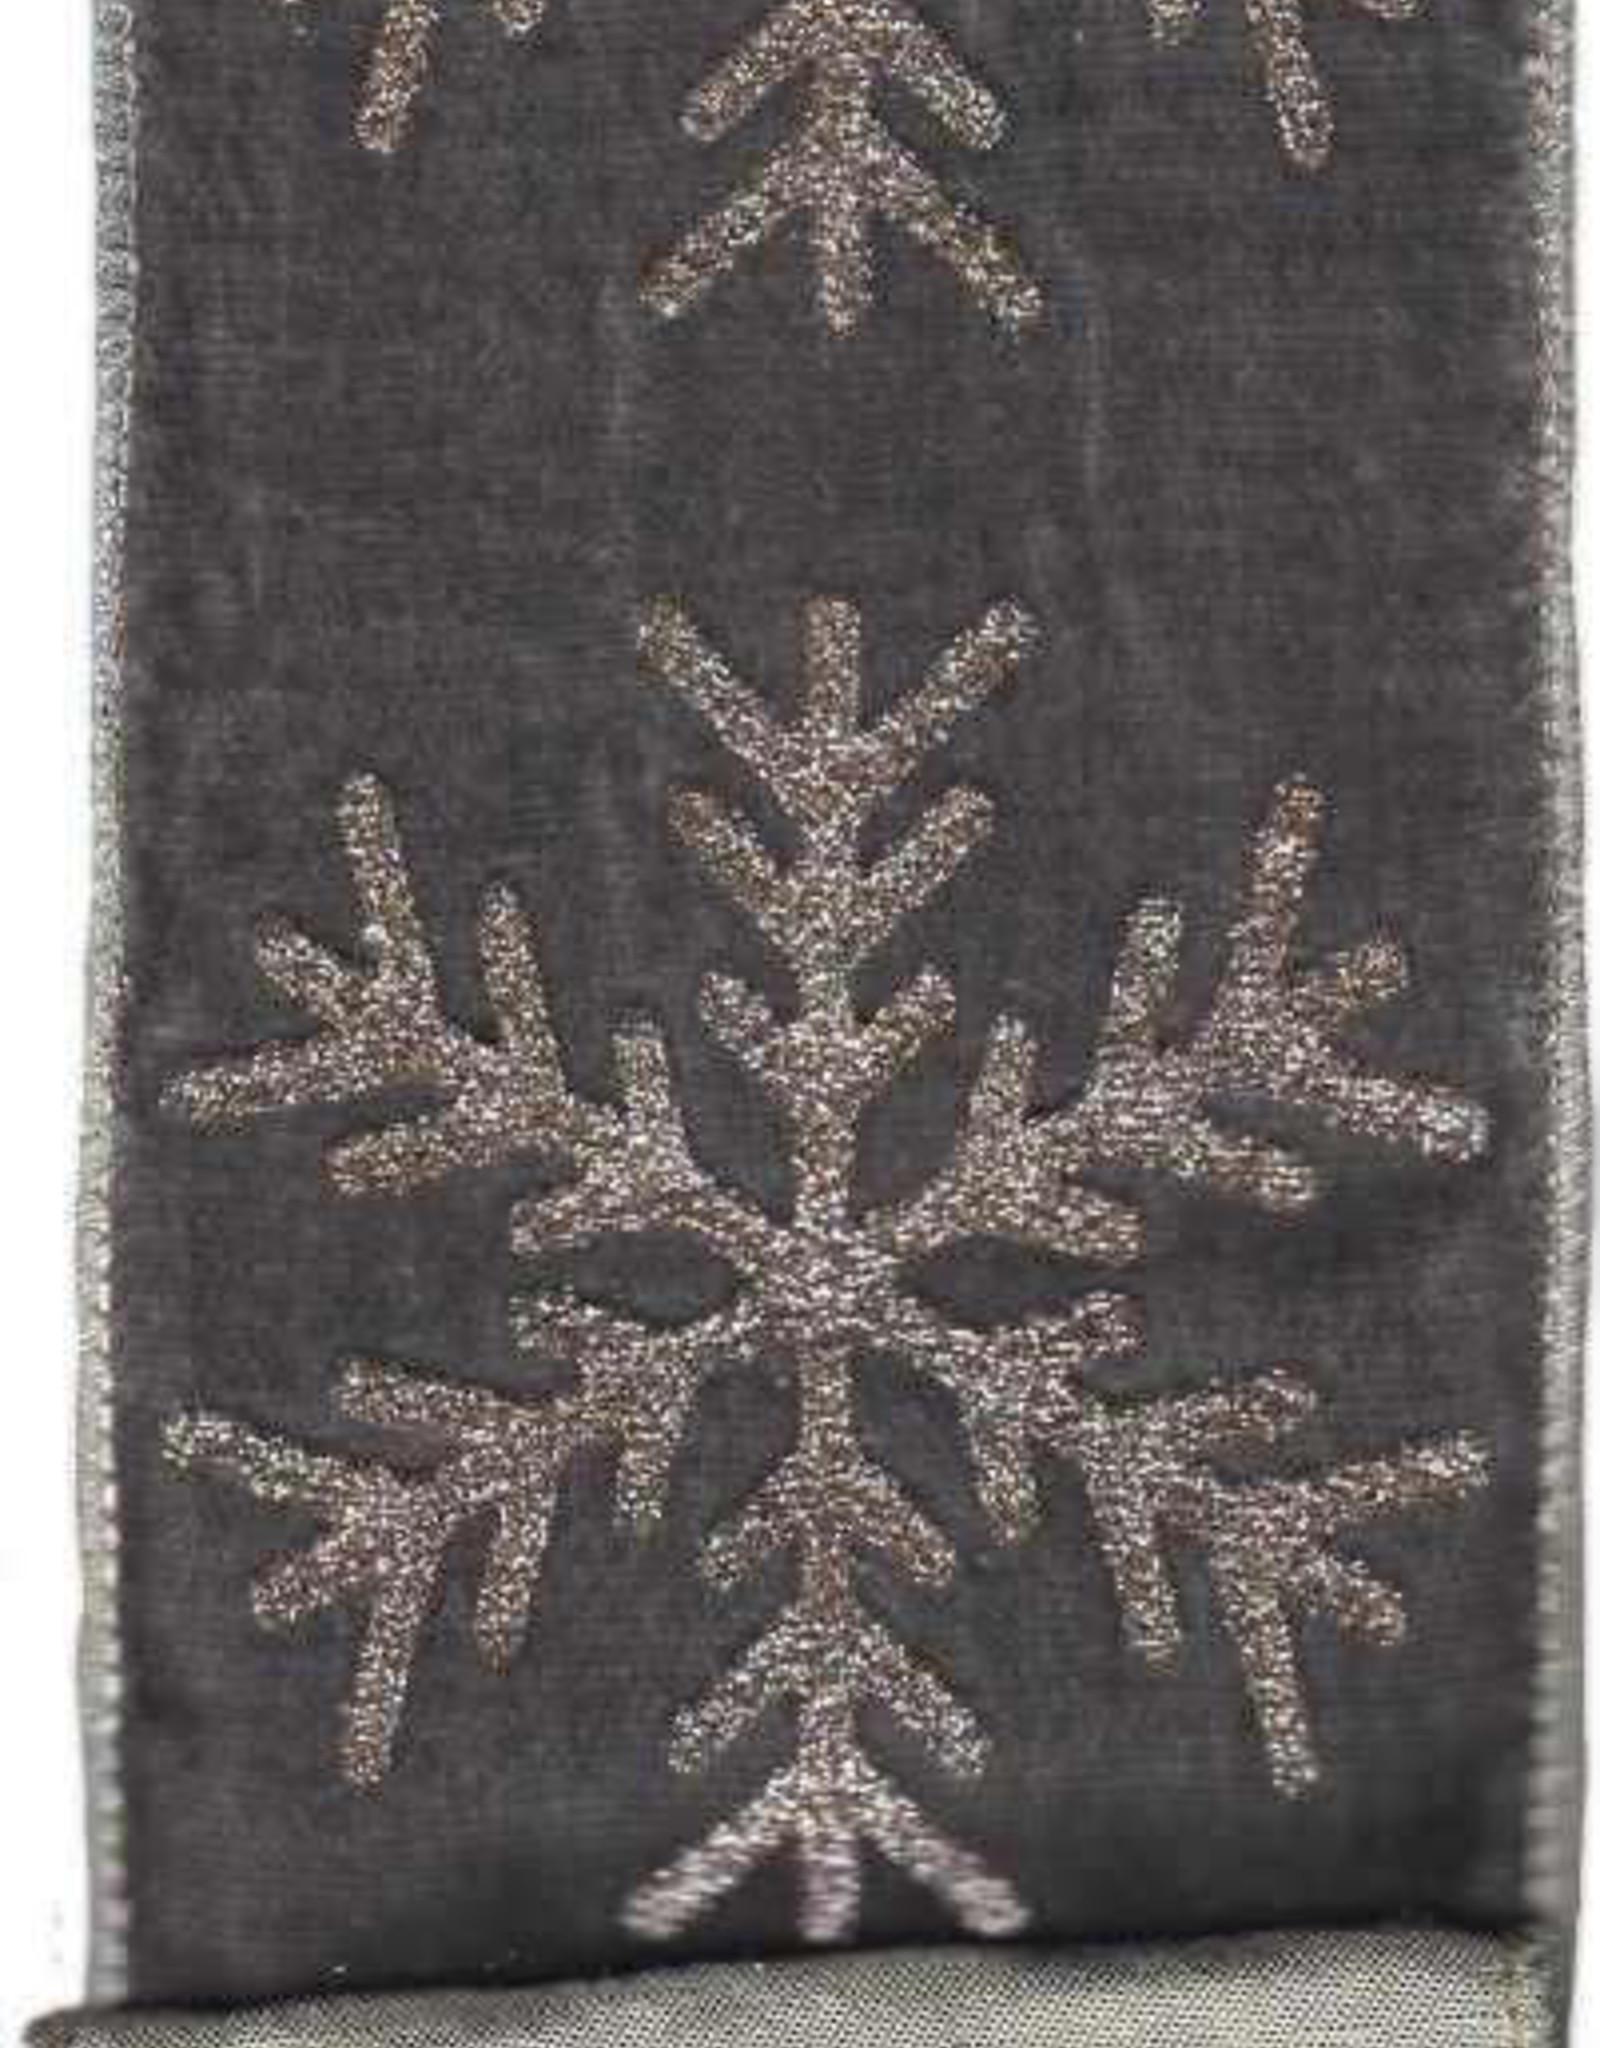 Velvet Ribbon w/ Large Glitter Snowflake